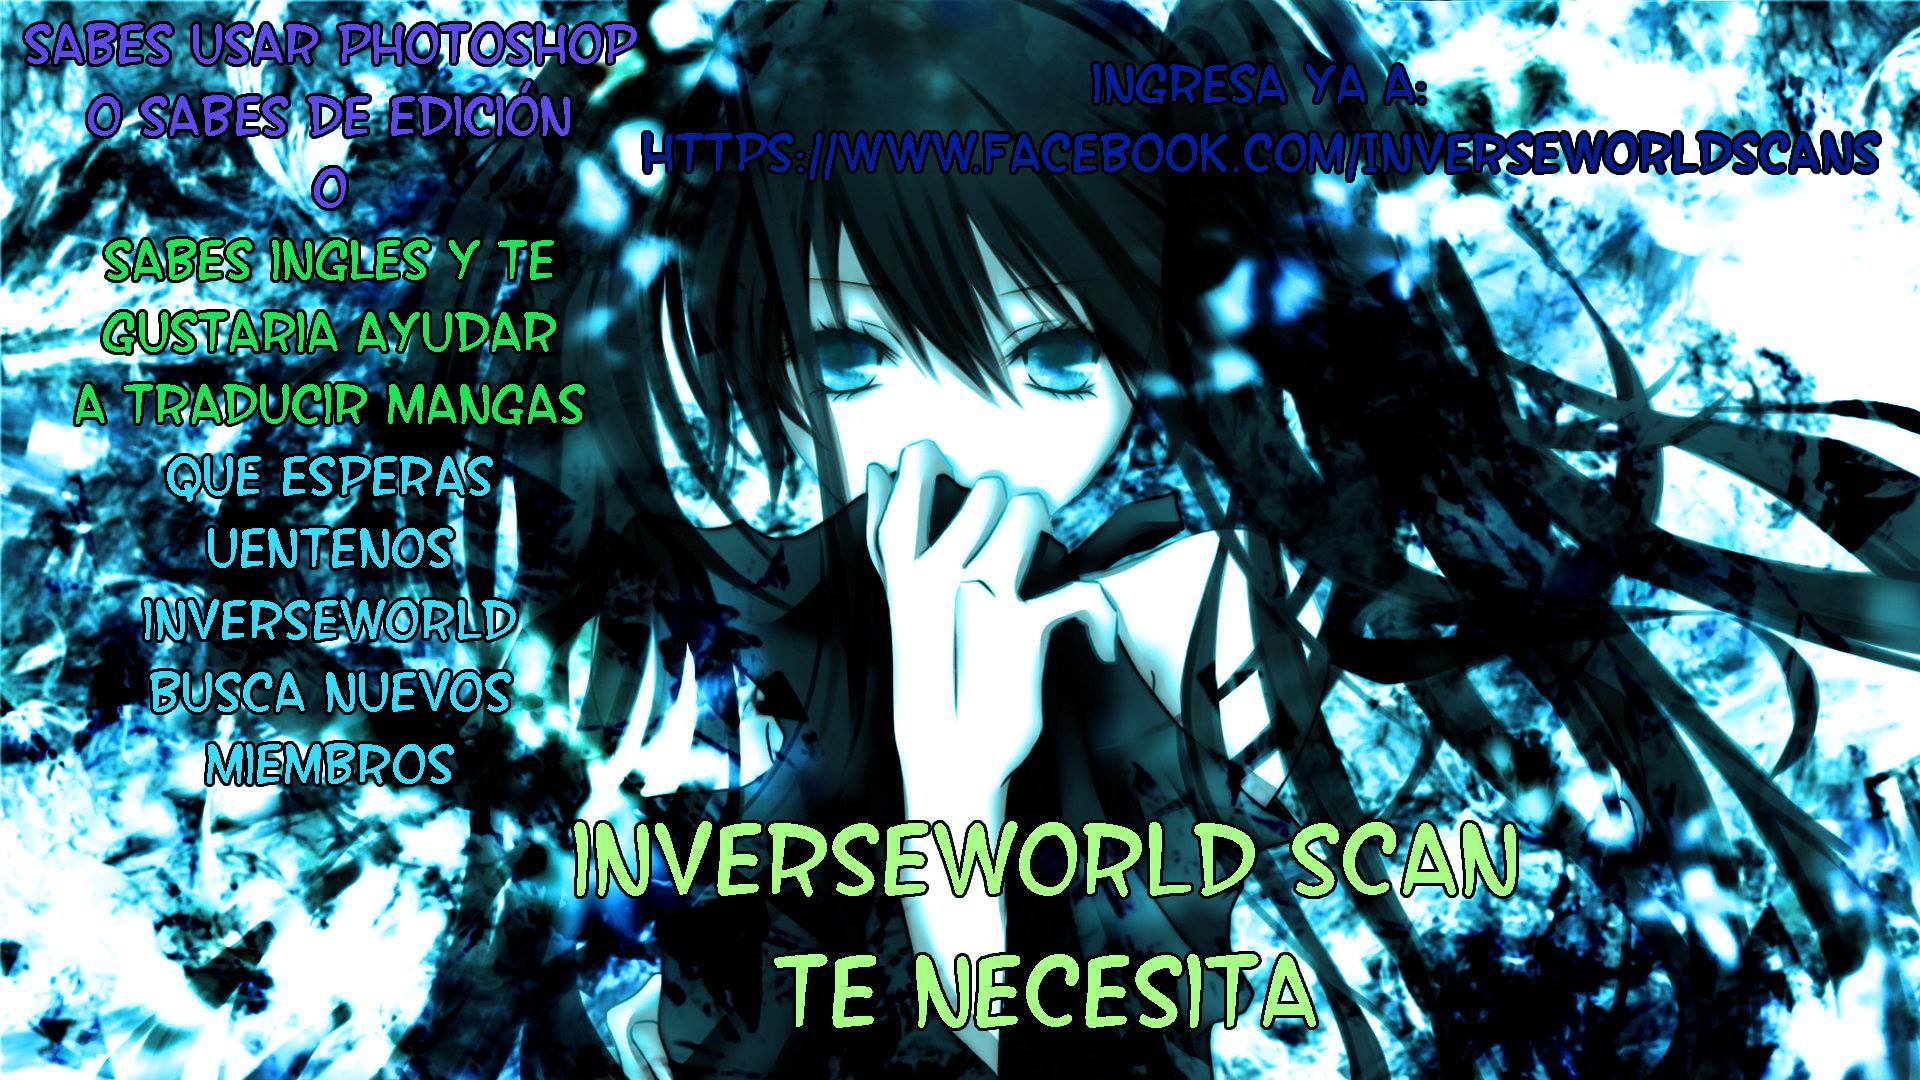 http://c5.ninemanga.com/es_manga/18/16210/415321/73e21337a0fffbbeb9922dc45bad3d38.jpg Page 2